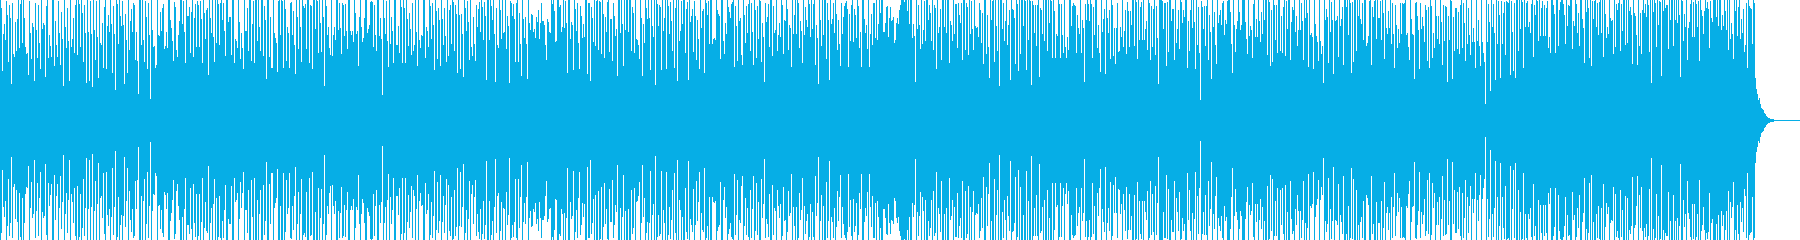 ロシア民族音楽!楽しいコサック楽曲の再生済みの波形